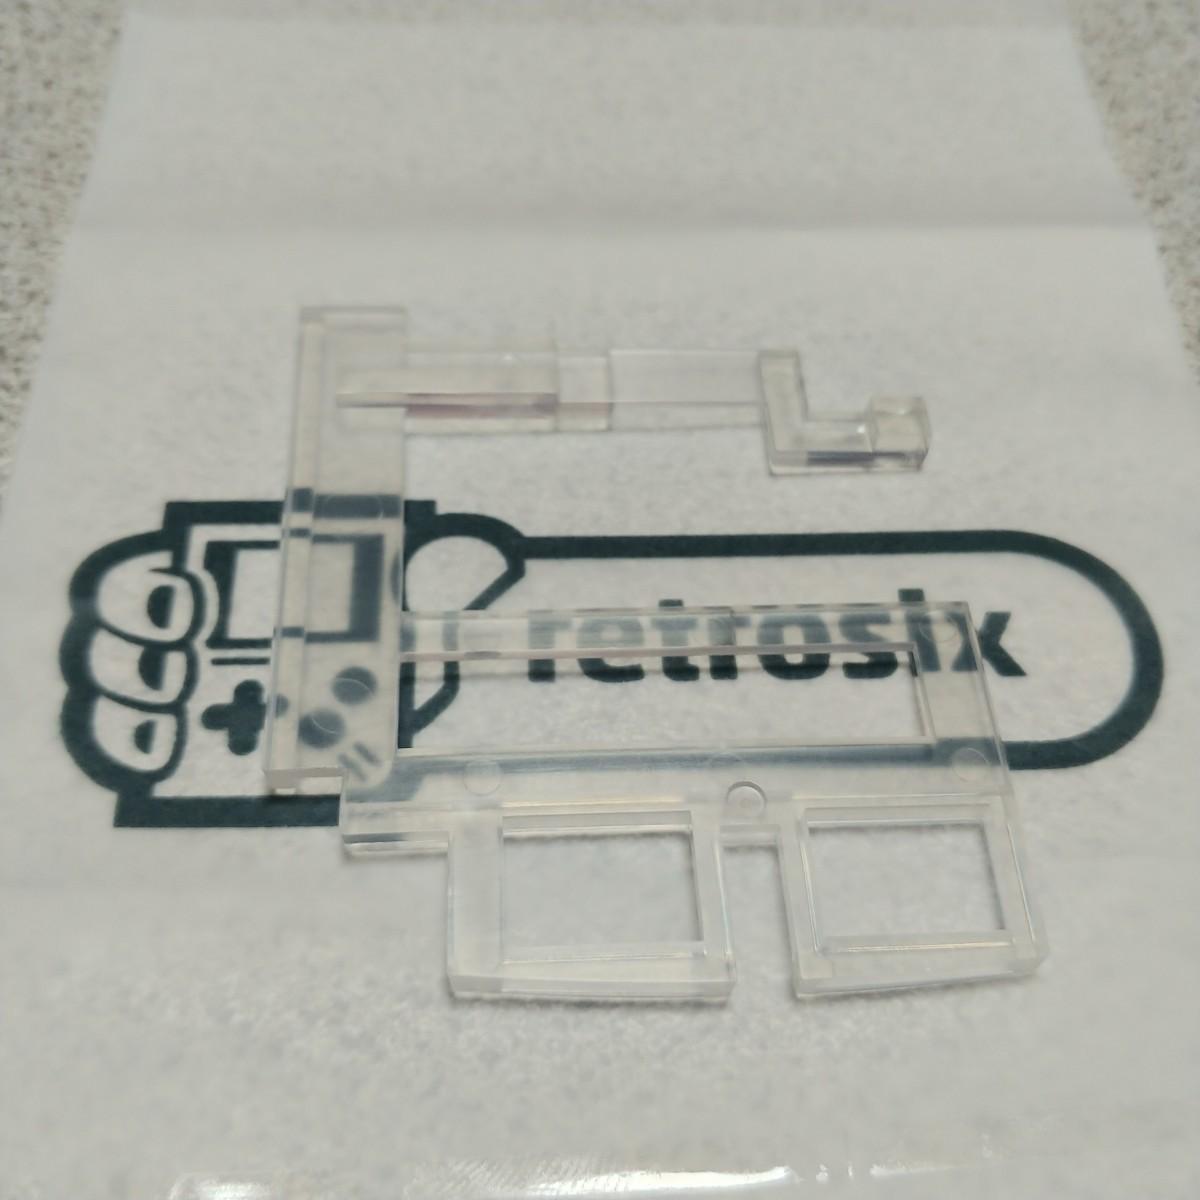 Retrosix ゲームボーイアドバンス IPS液晶ブラケット